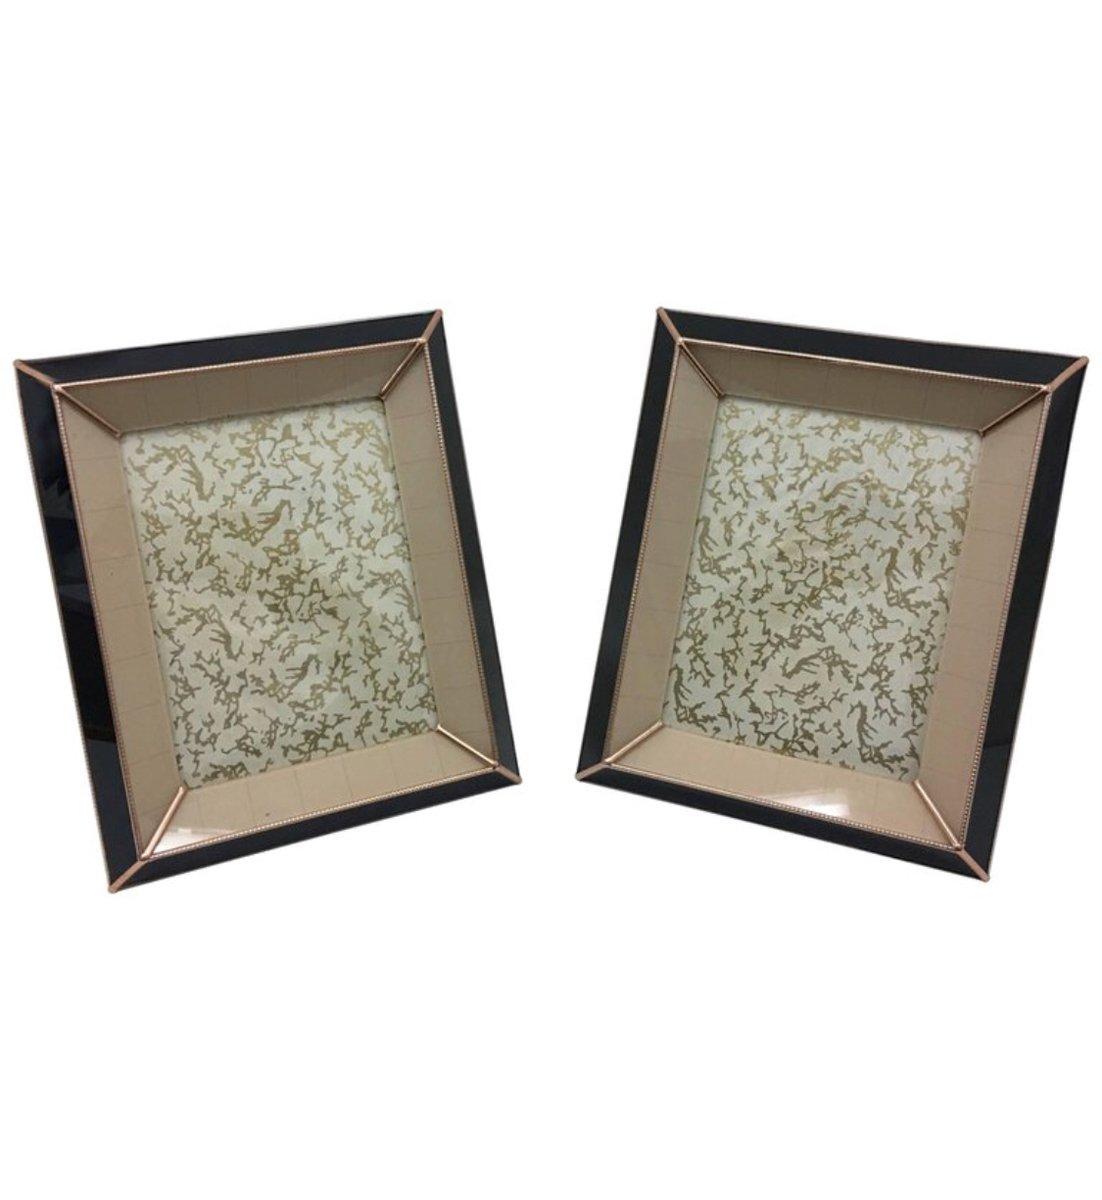 italienische art deco glas bilderrahmen 1930er 2er set bei pamono kaufen. Black Bedroom Furniture Sets. Home Design Ideas